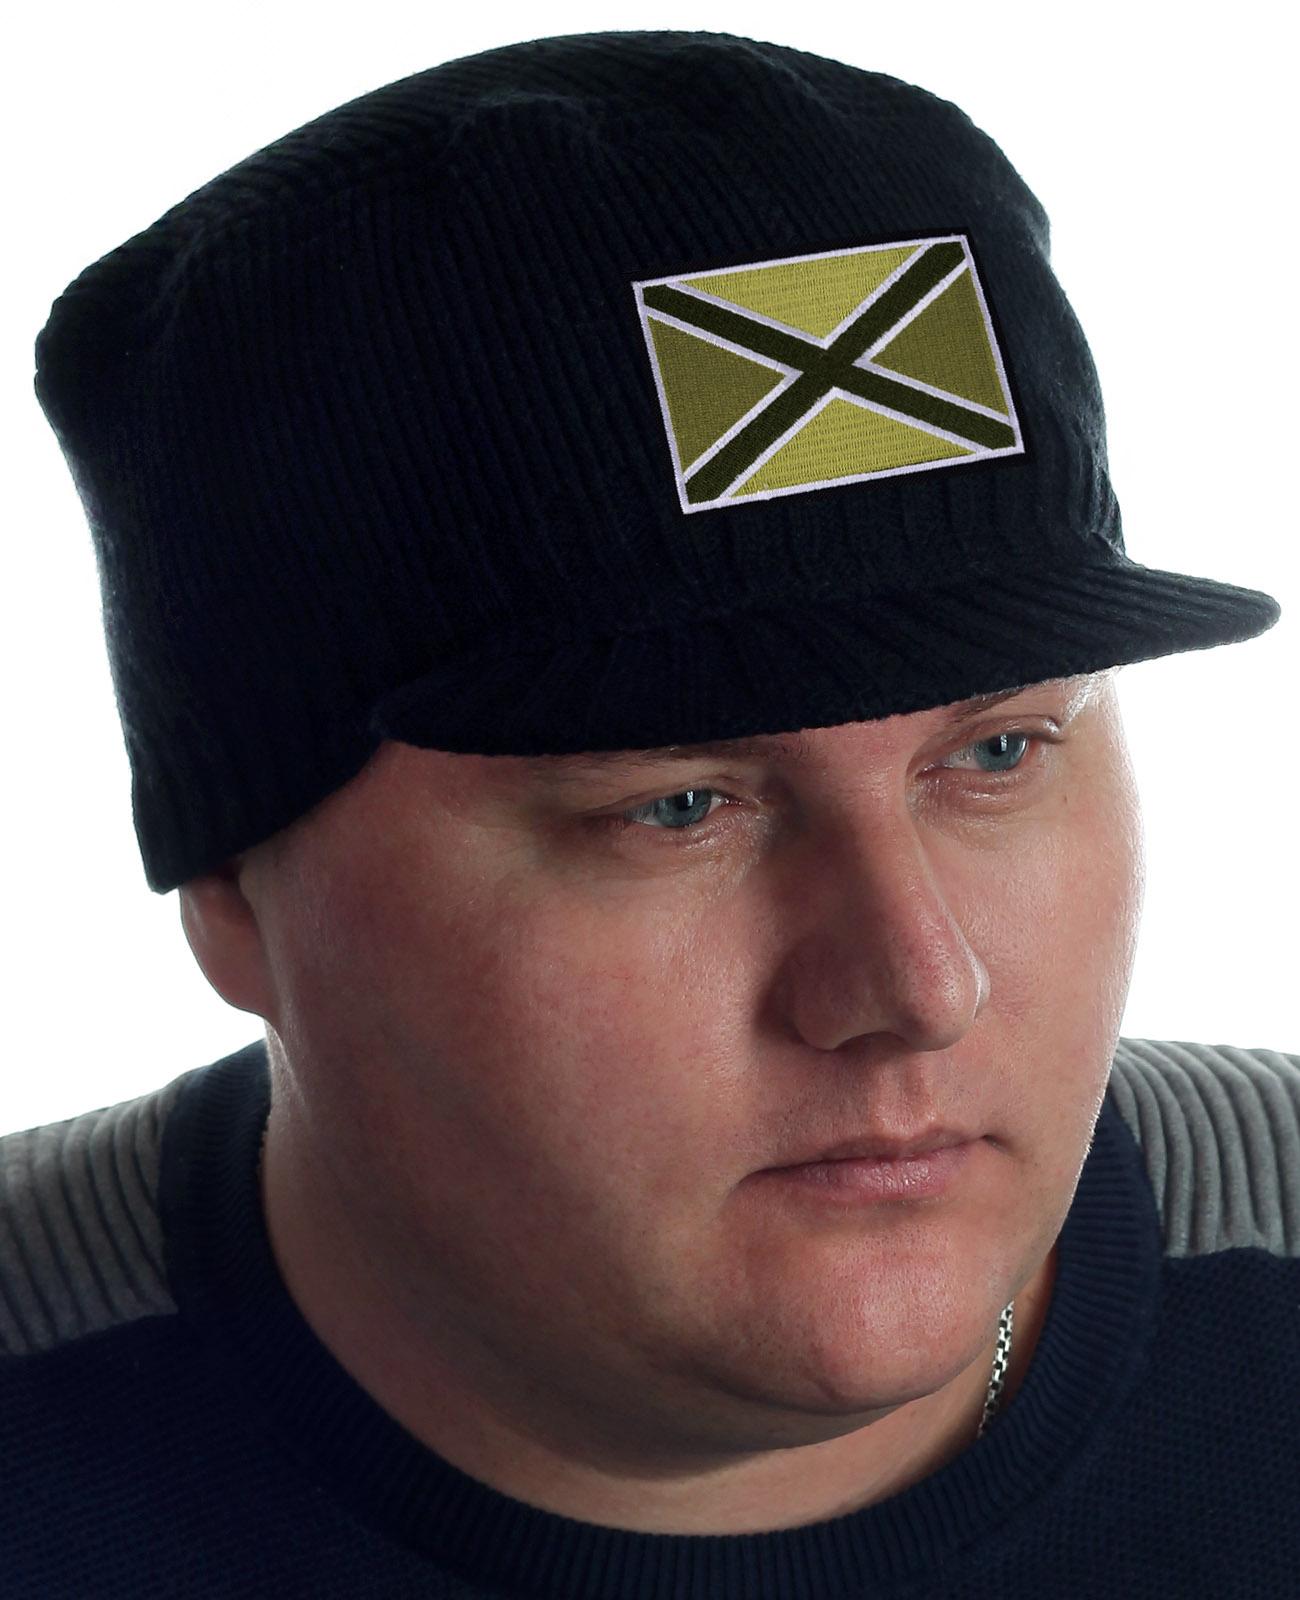 Купить мужскую модную шапку с козырьком от Miller Way в розницу или оптом с доставкой в ваш город